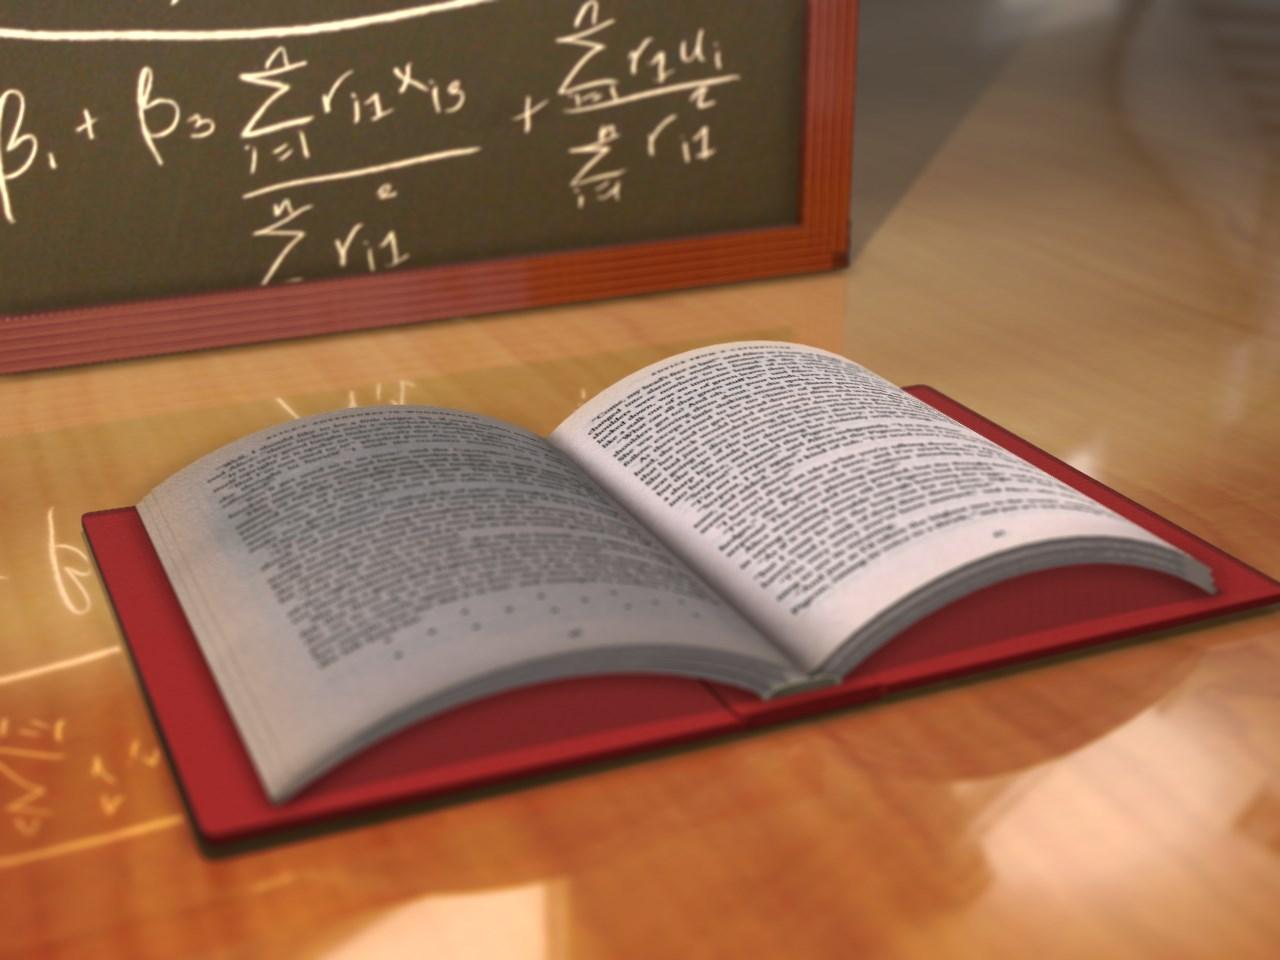 social studies_1556277482708.jpg.jpg